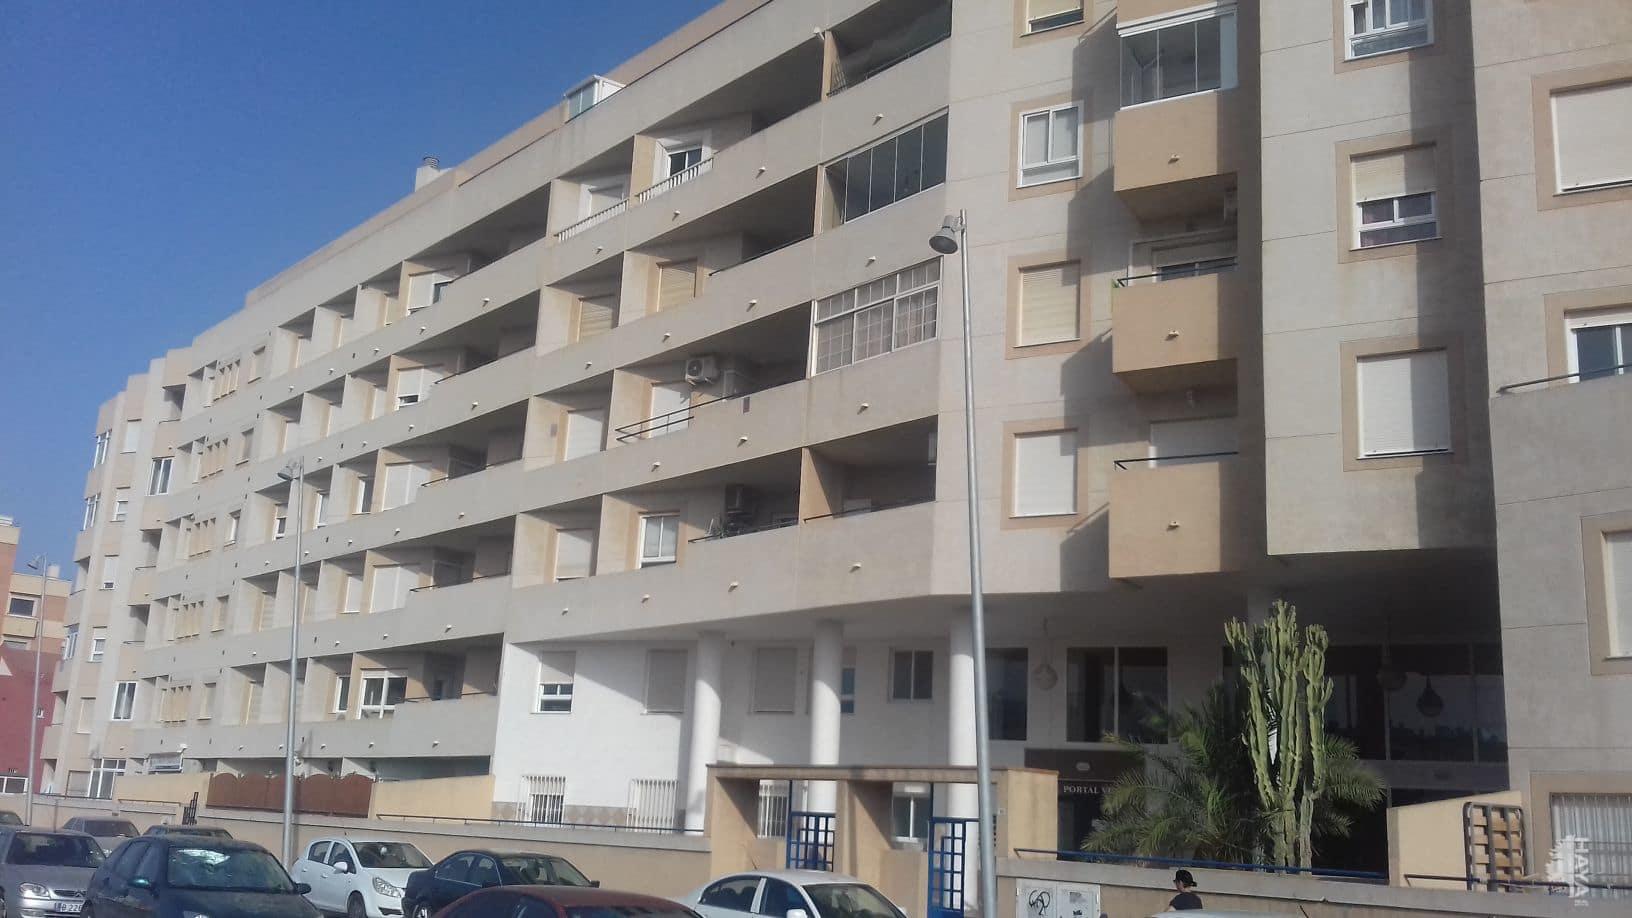 Piso en venta en Roquetas de Mar, Almería, Calle Jose Maria Cagigal, 82.200 €, 1 baño, 83 m2